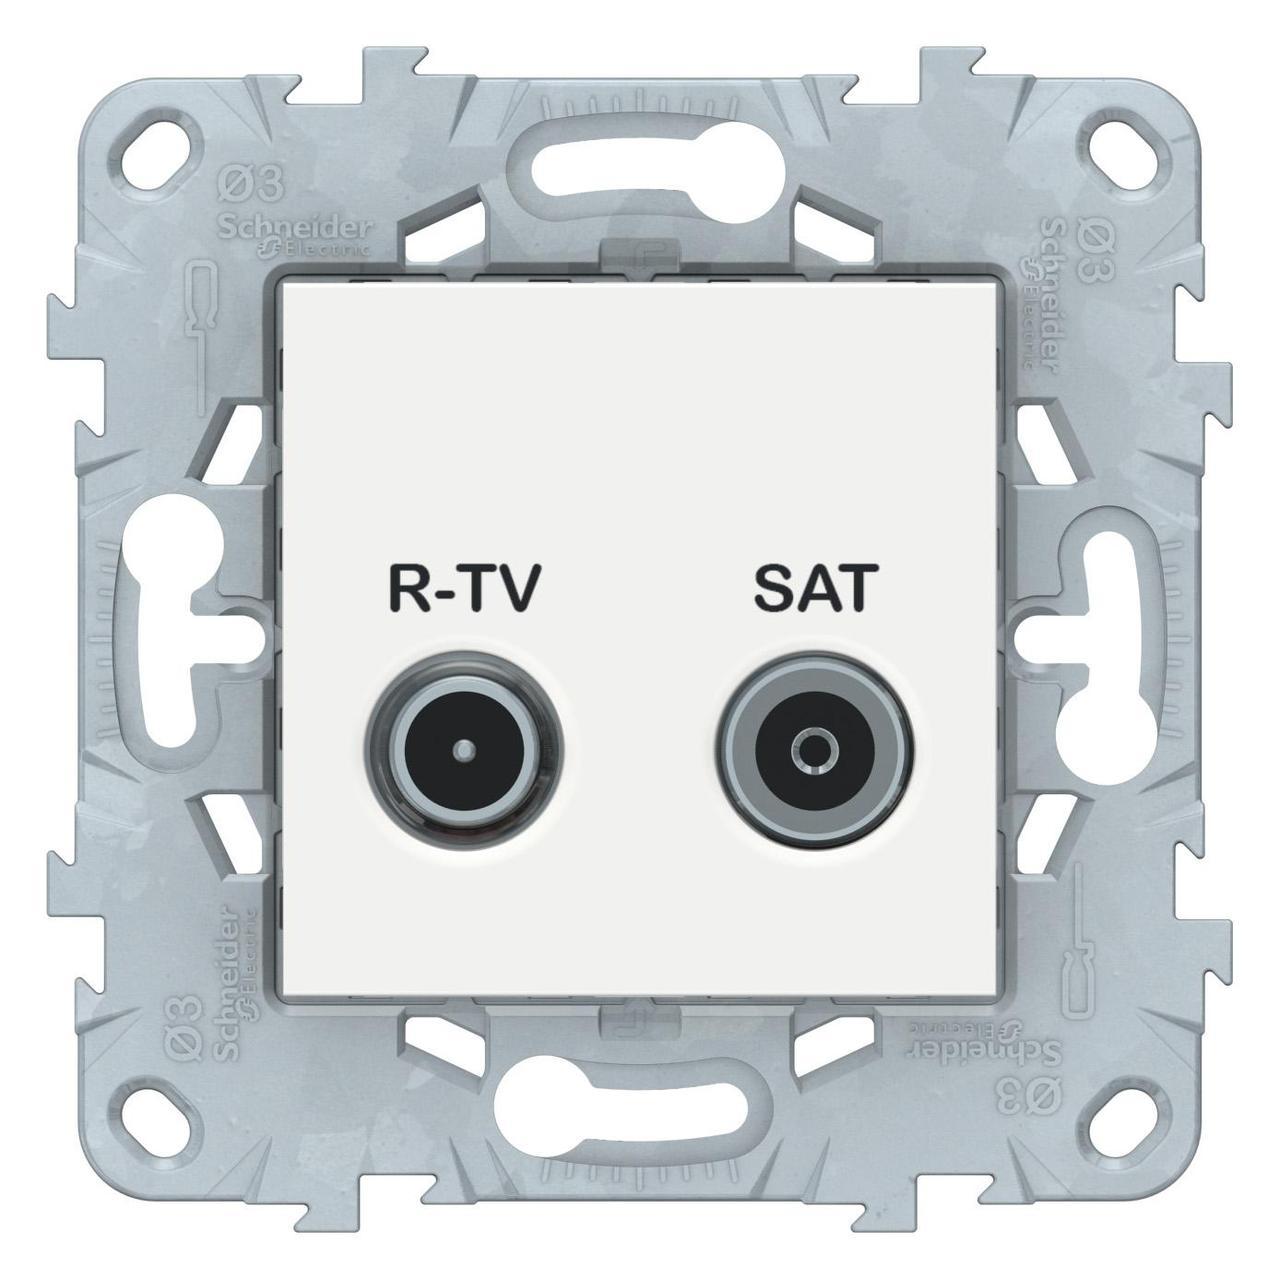 Розетка телевизионная оконечная ТV-SAT , Белый, серия Unica New, Schneider Electric